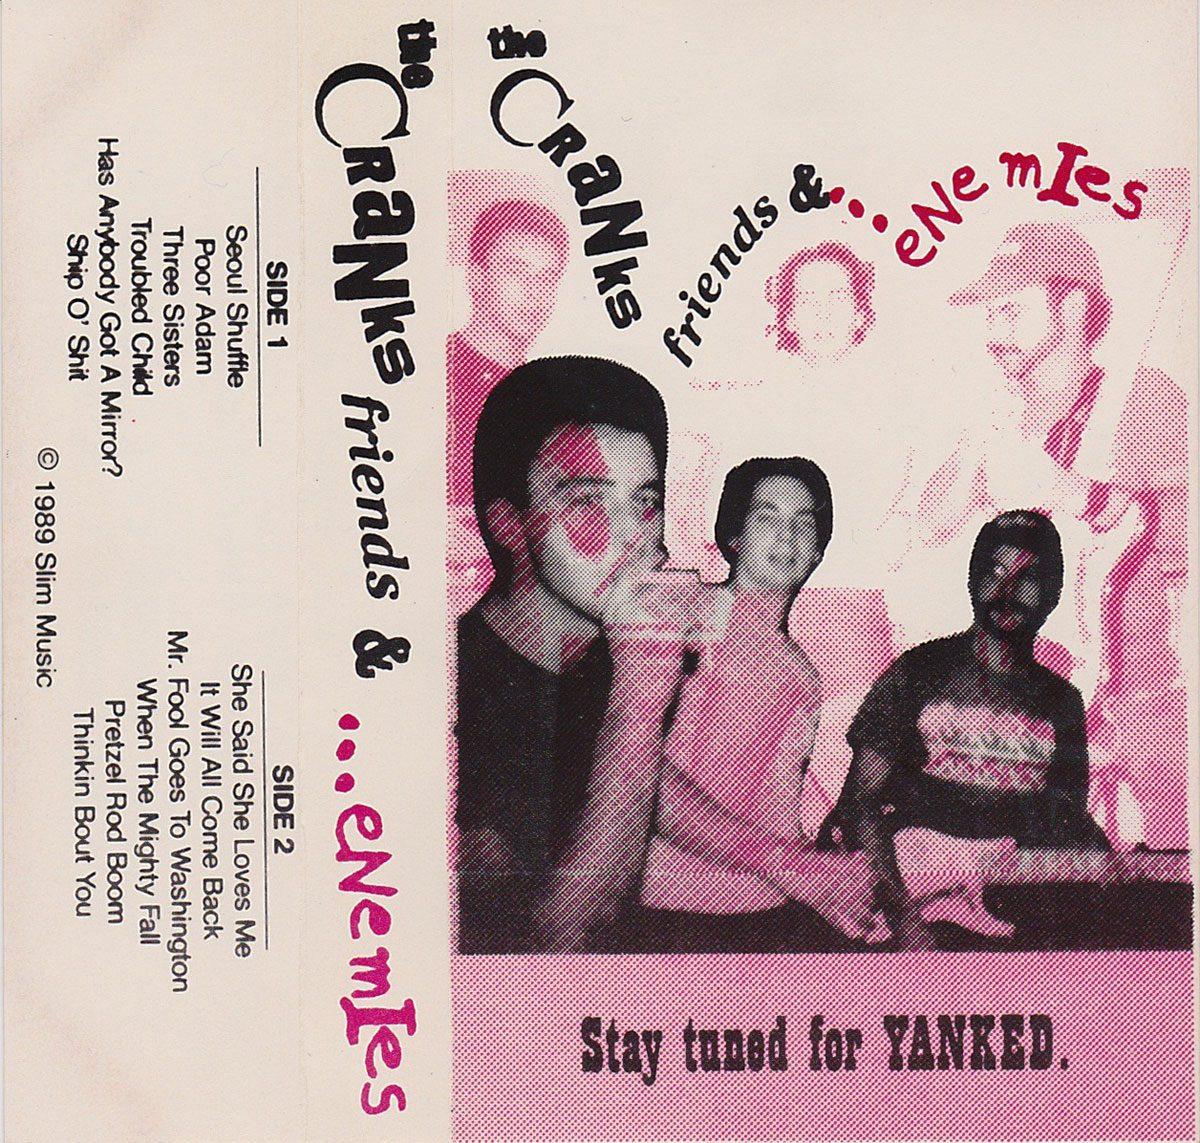 The Cranks: Friends & Enemies